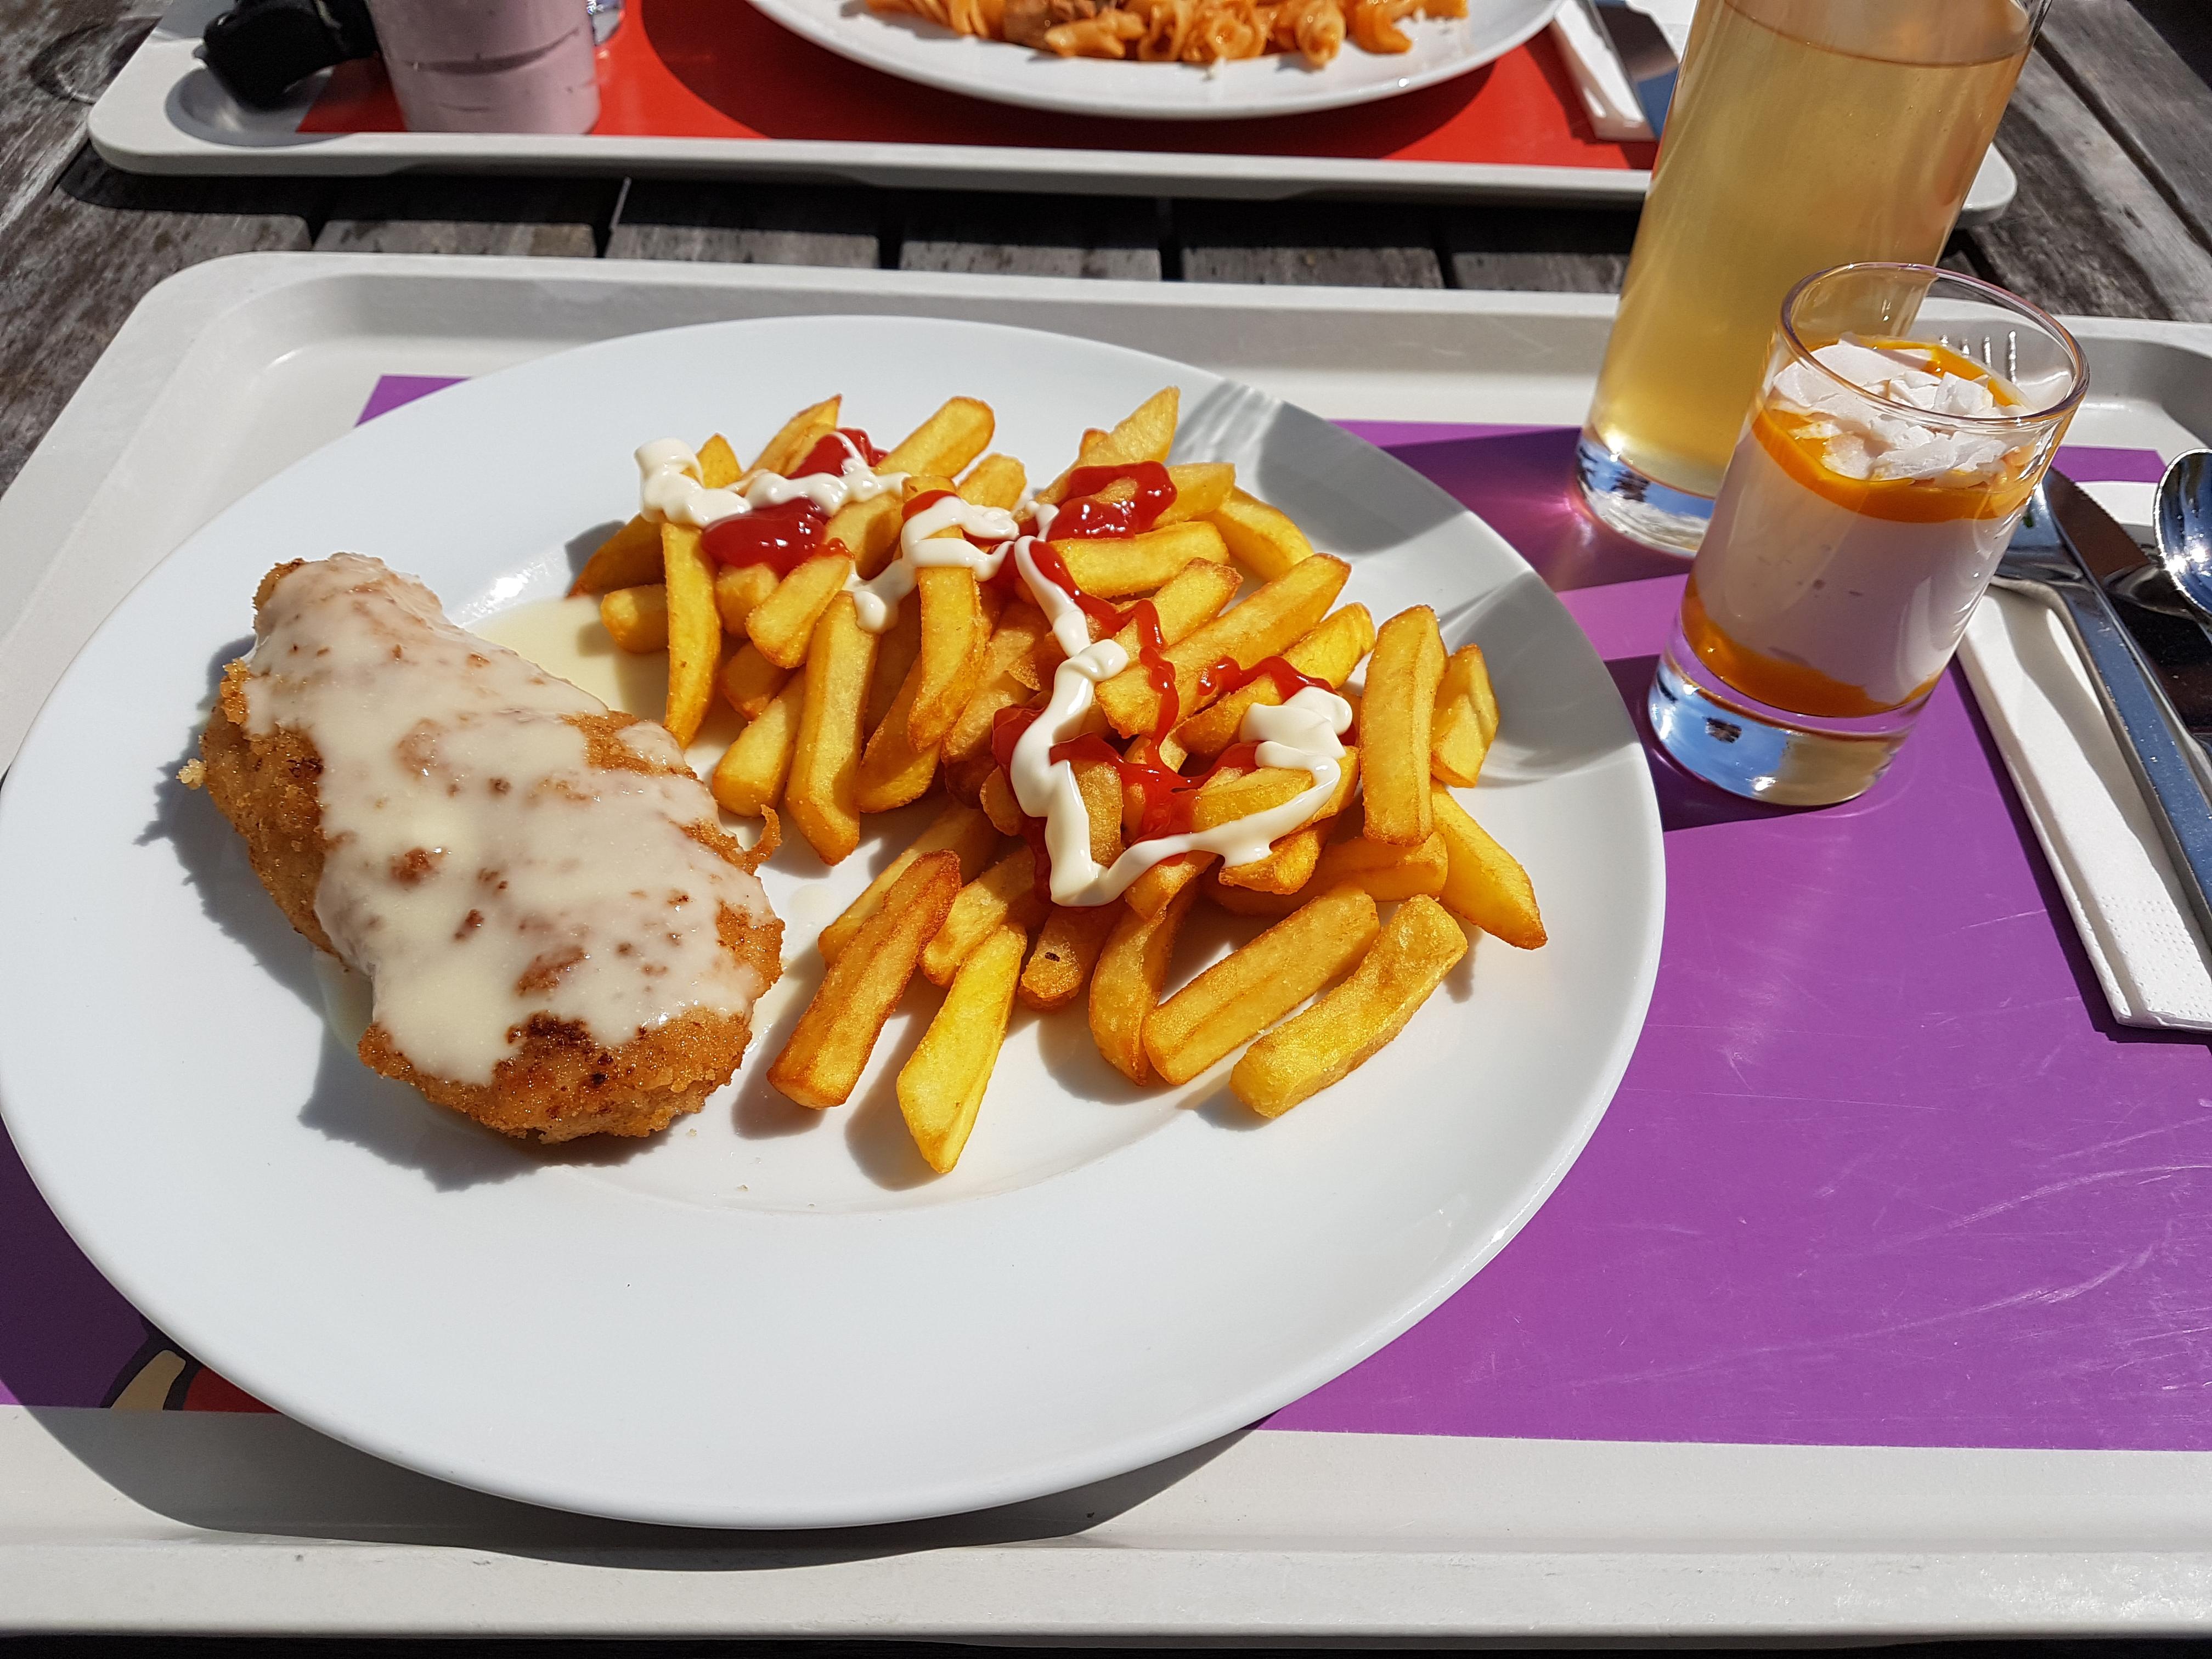 http://foodloader.net/Holz_2017-08-23_Putenschnitzel_mit_Pommes.jpg